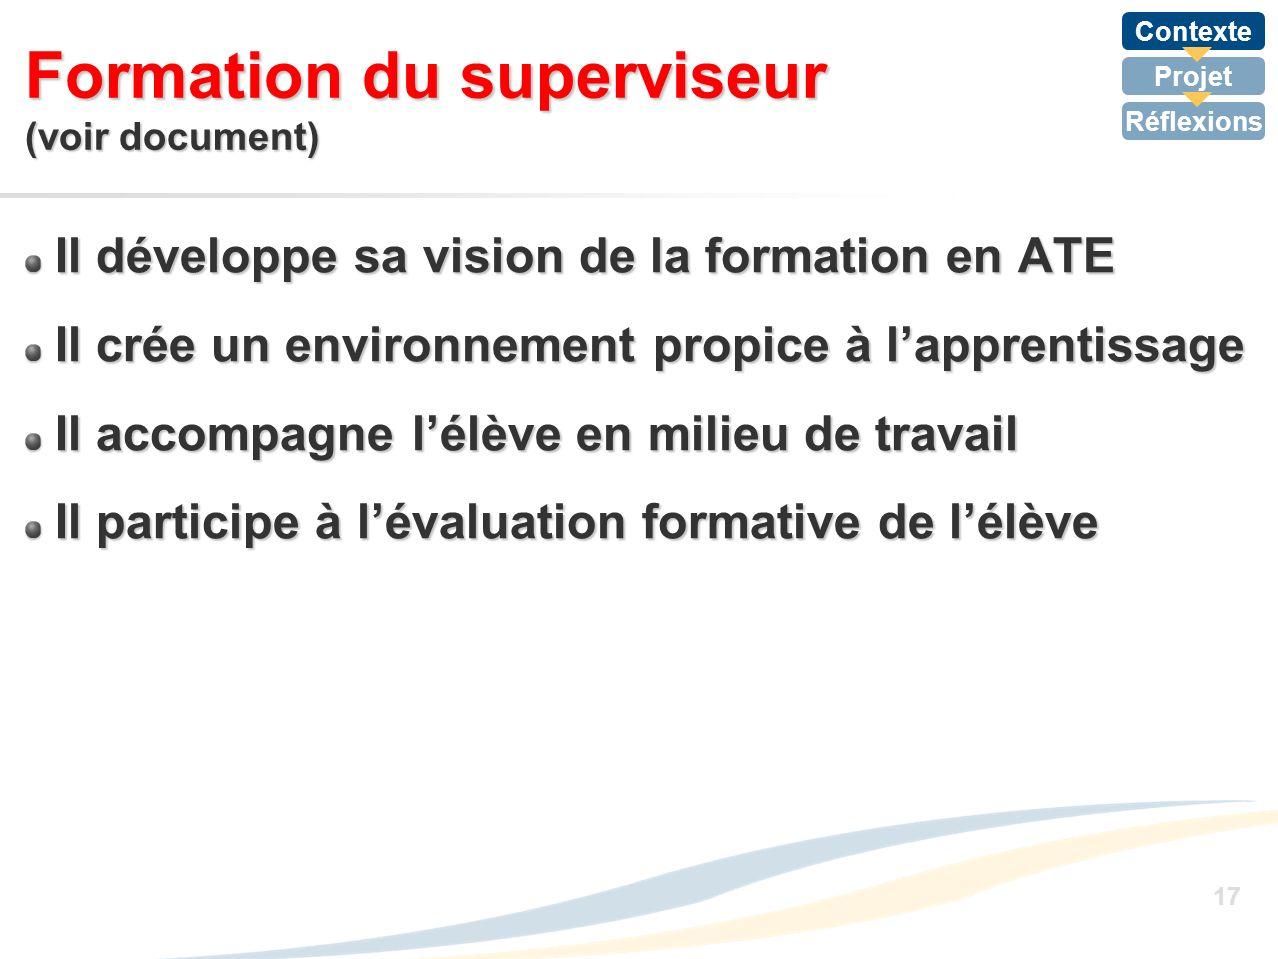 Formation du superviseur (voir document)